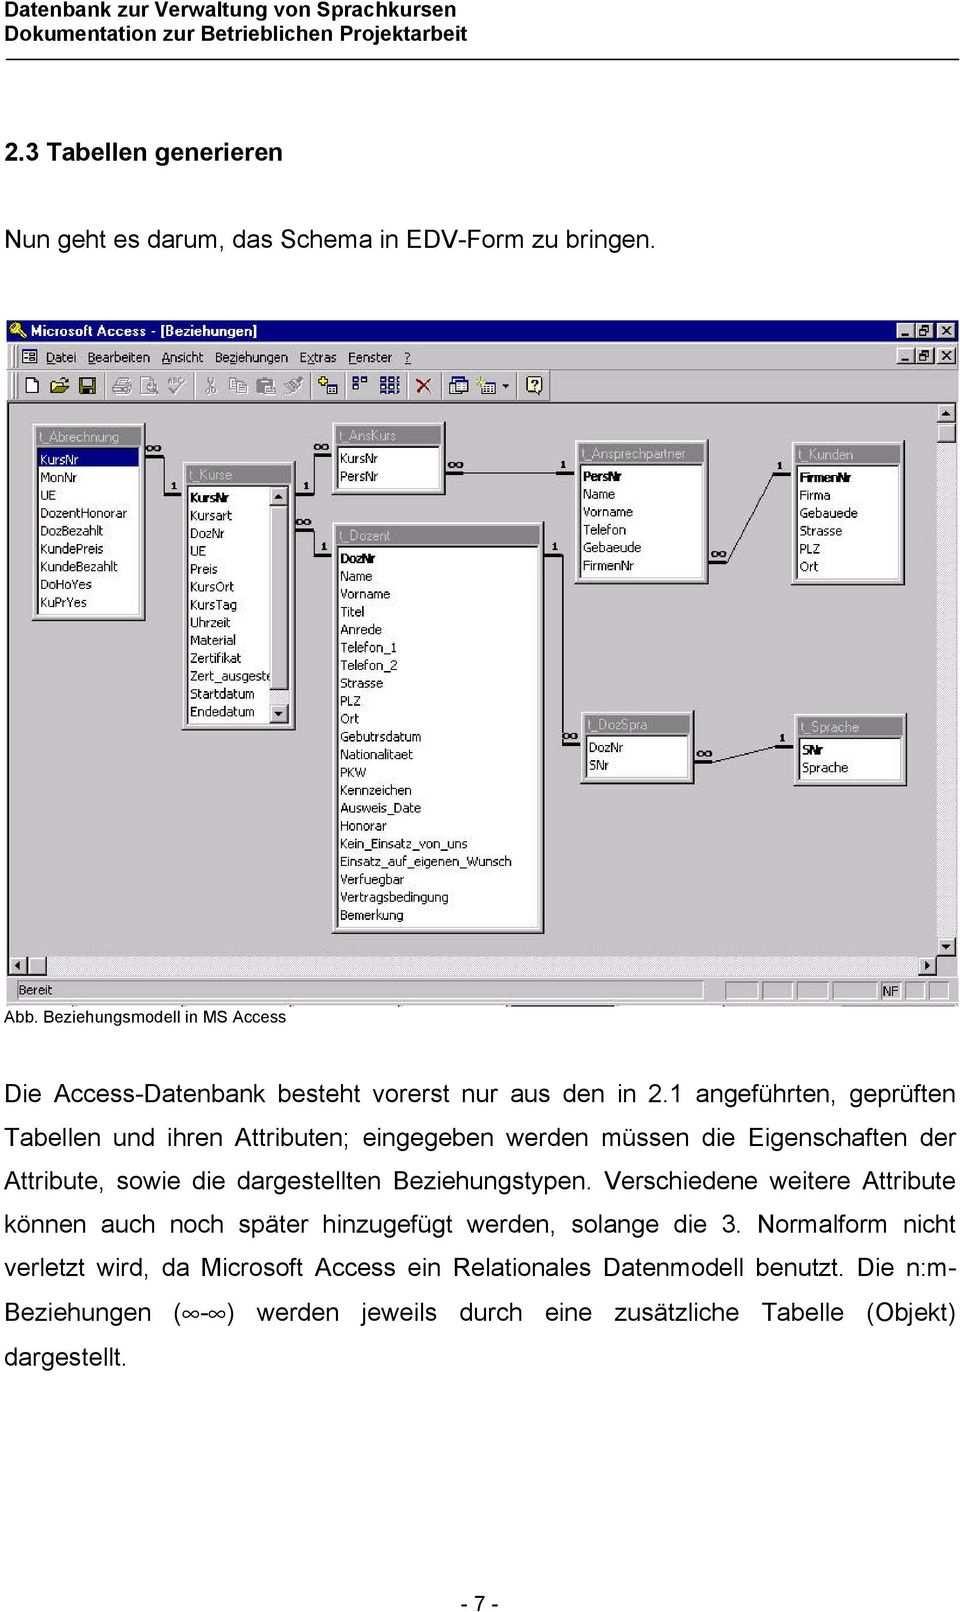 Microsoft Access 97 Datenbank Zur Verwaltung Von Sprachkursen